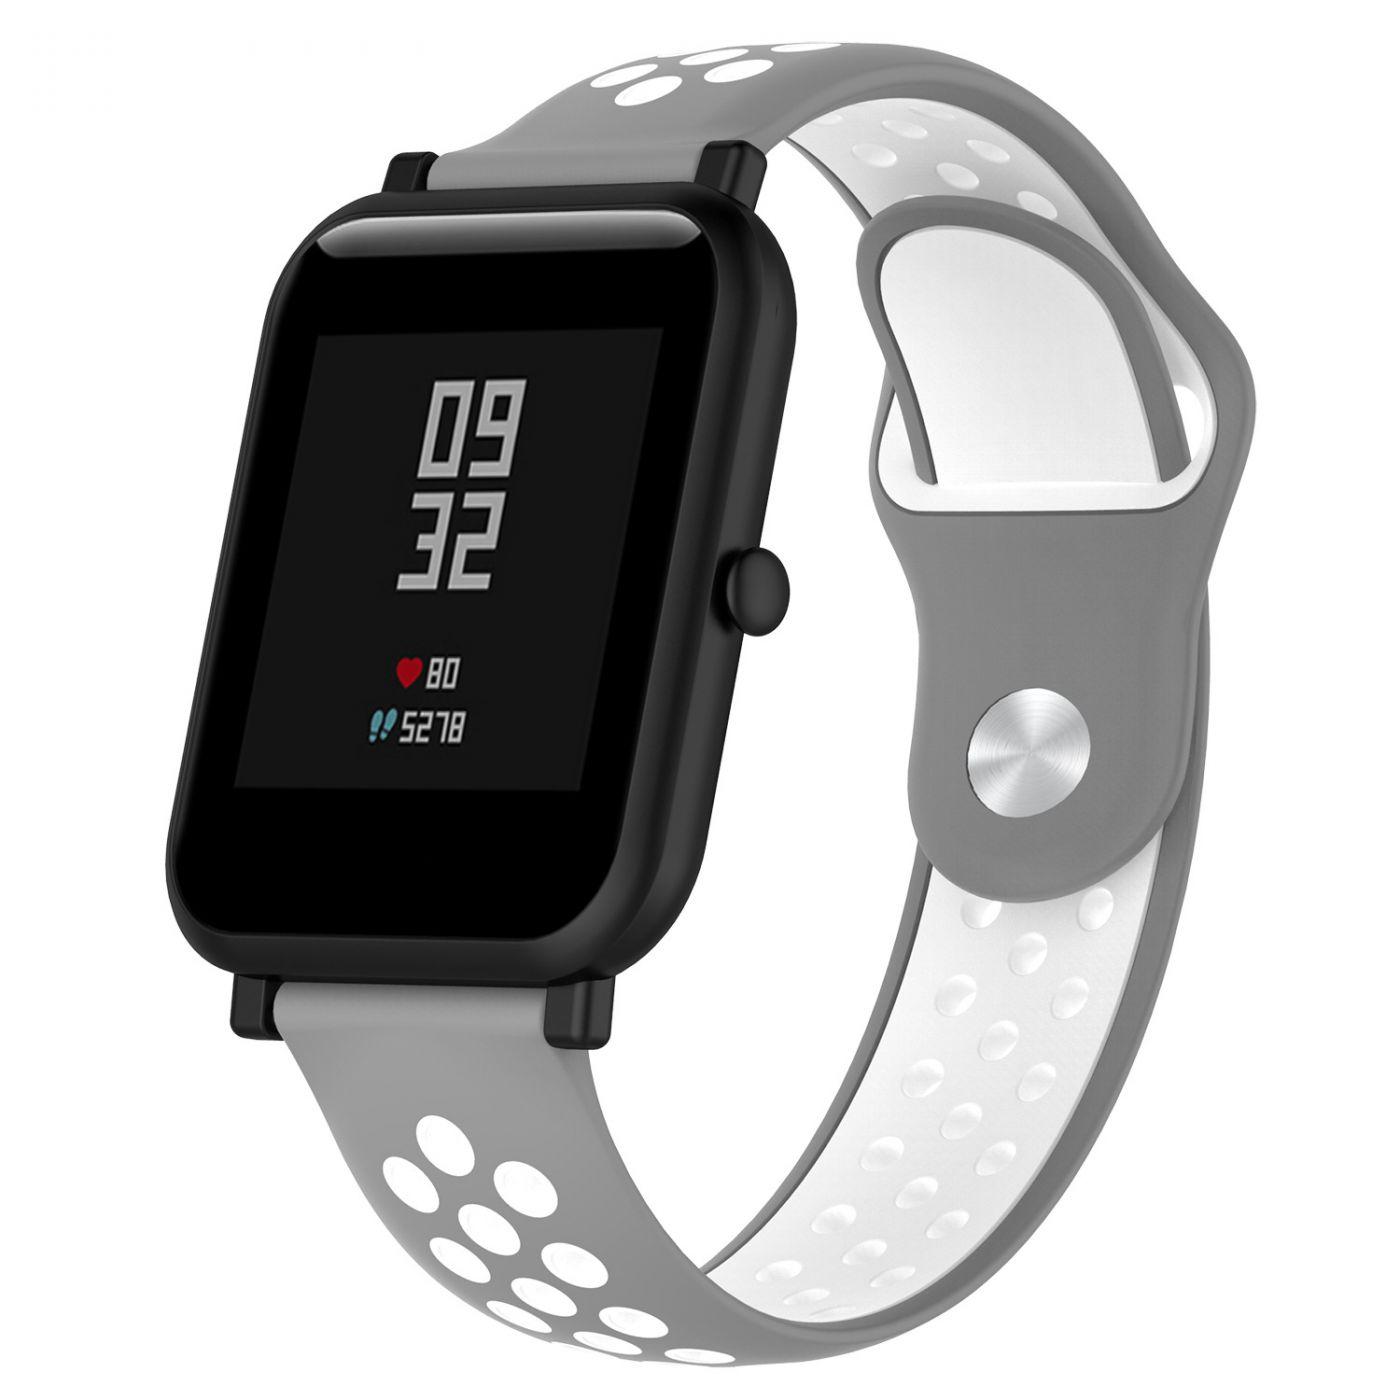 Сменный ремешок для Умных часов  Amazfit Bip Smartwatch (Серый - Белый)